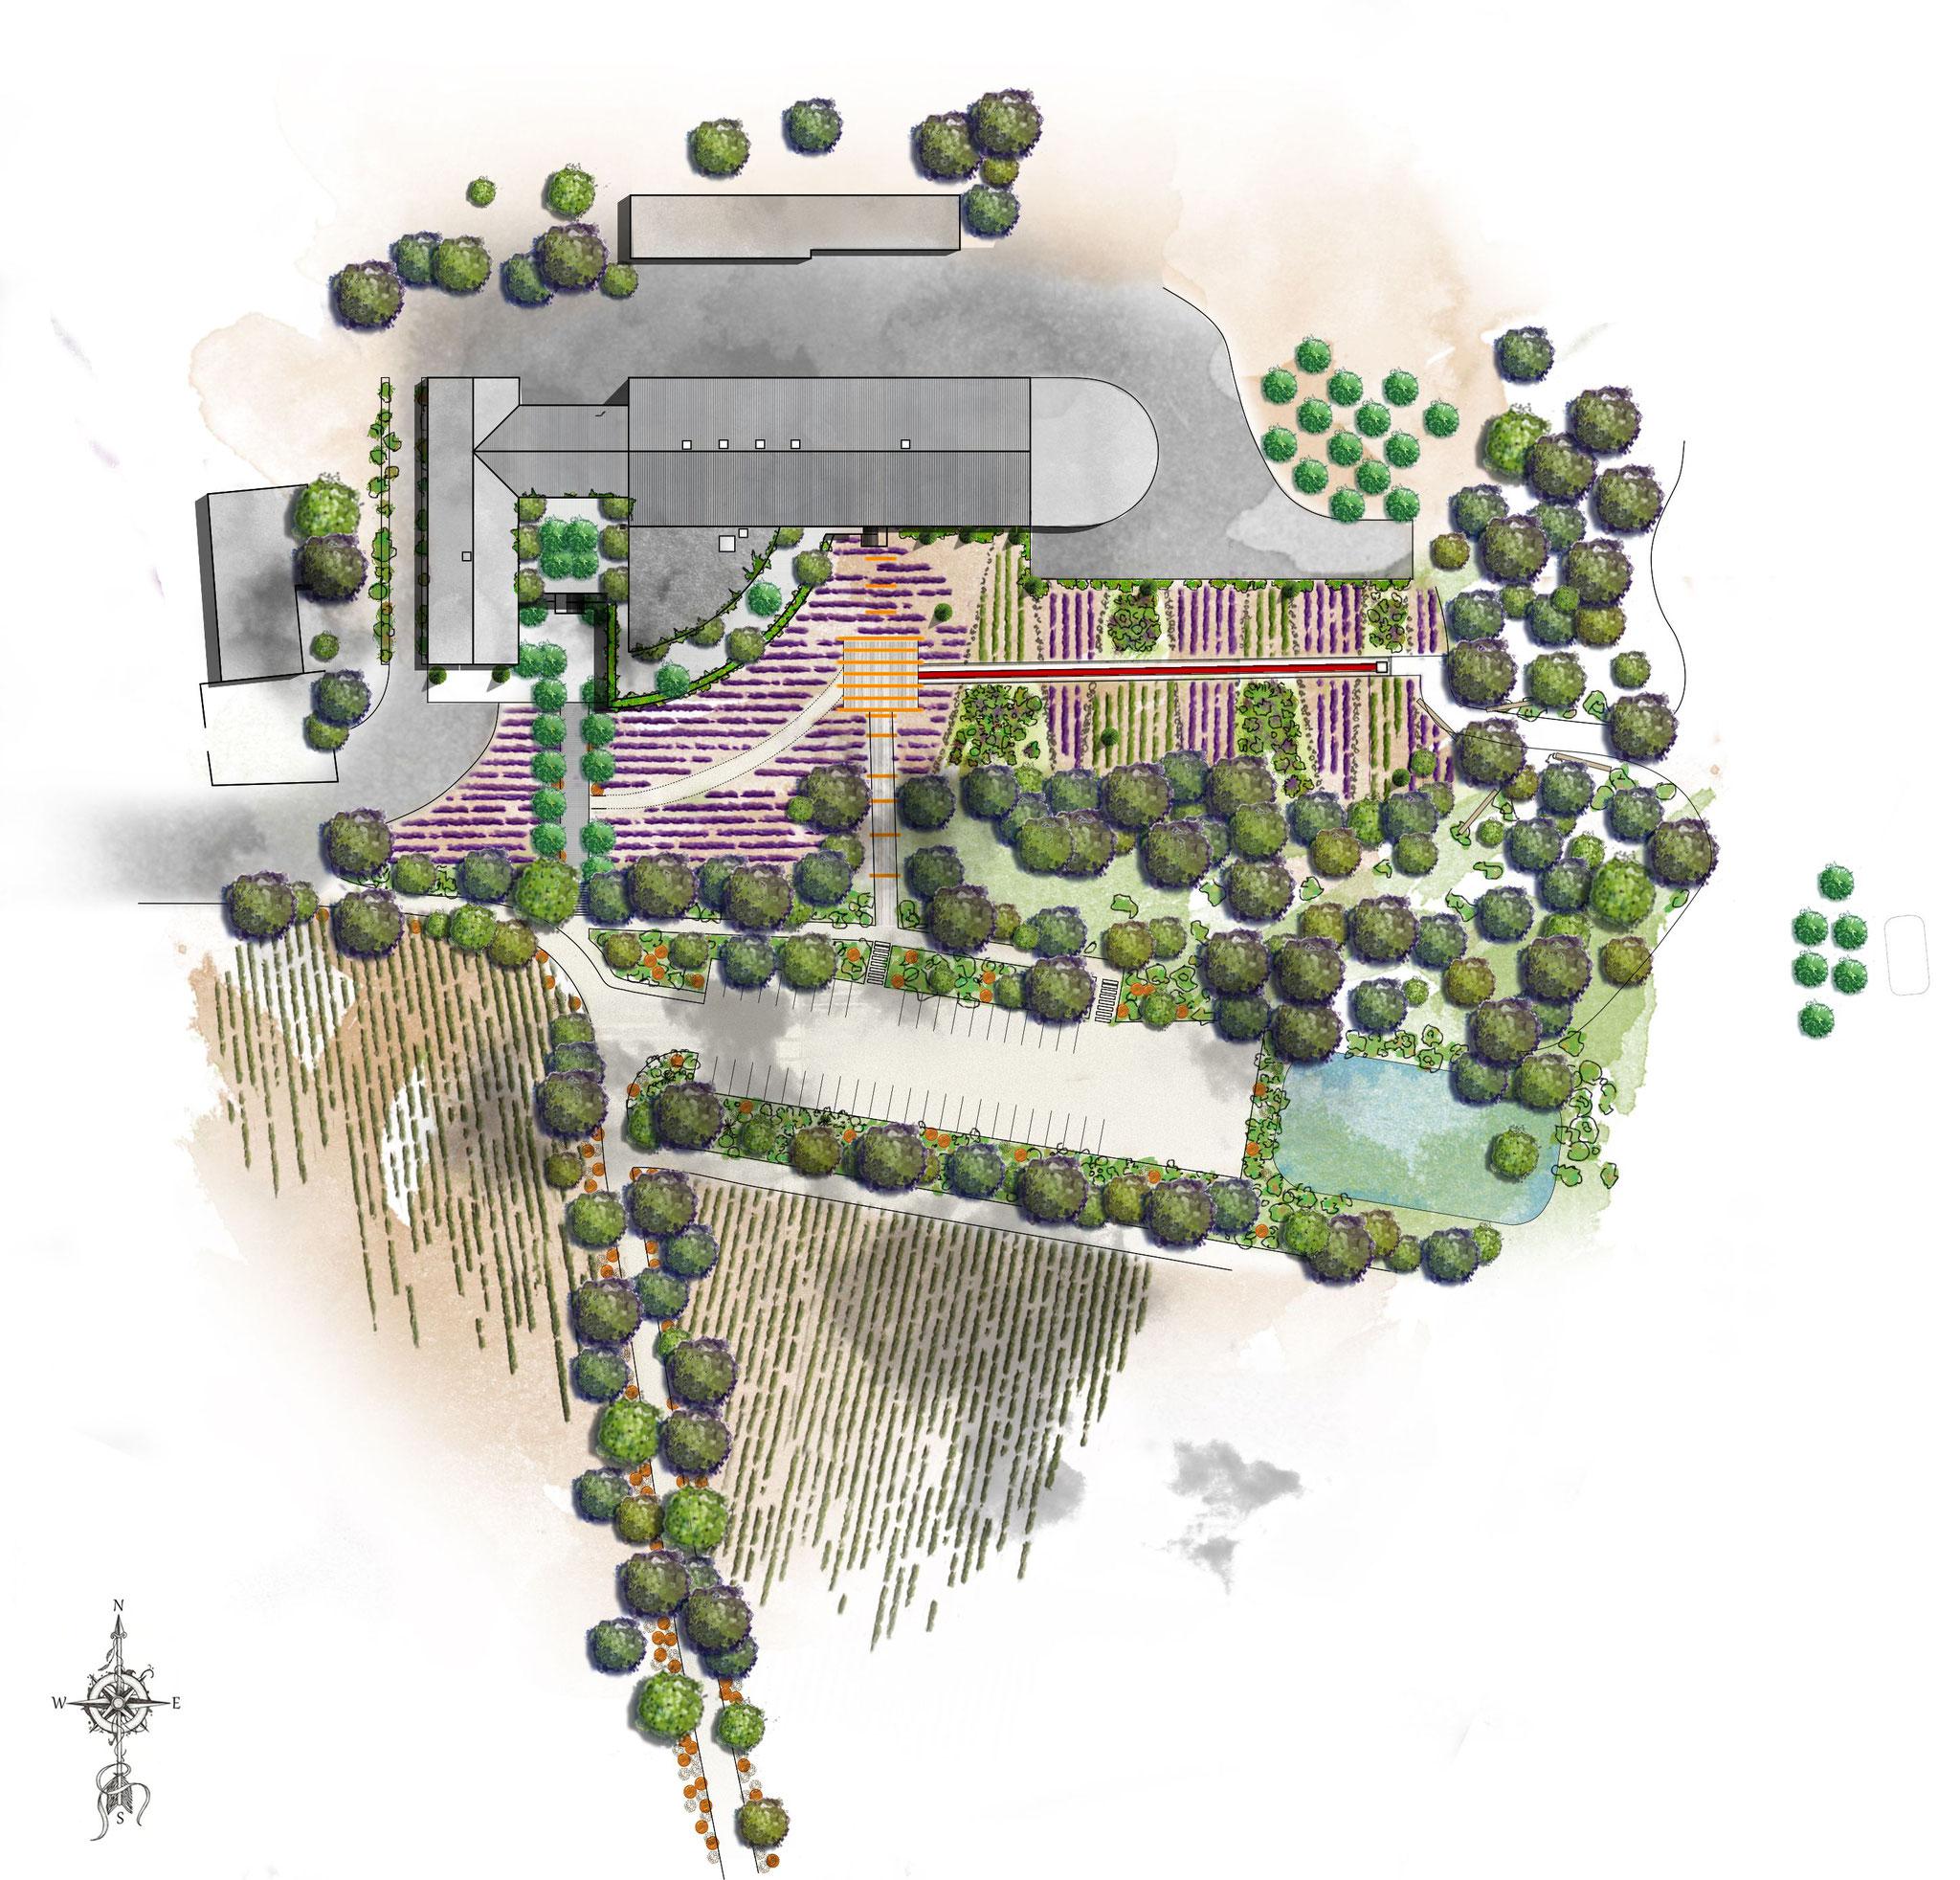 Création des jardins et aménagements extérieurs d'un domaine viticole © Rc-Paysage